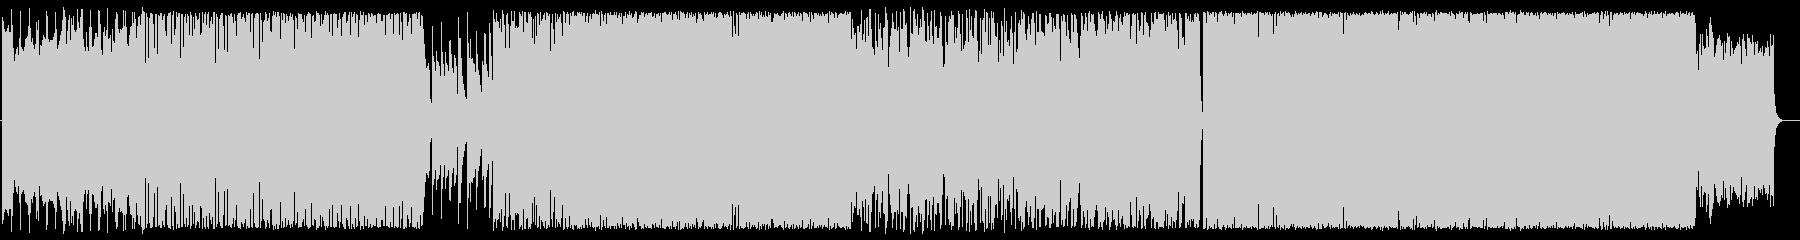 ピアノとノイズ/強めのビート/攻撃的の未再生の波形